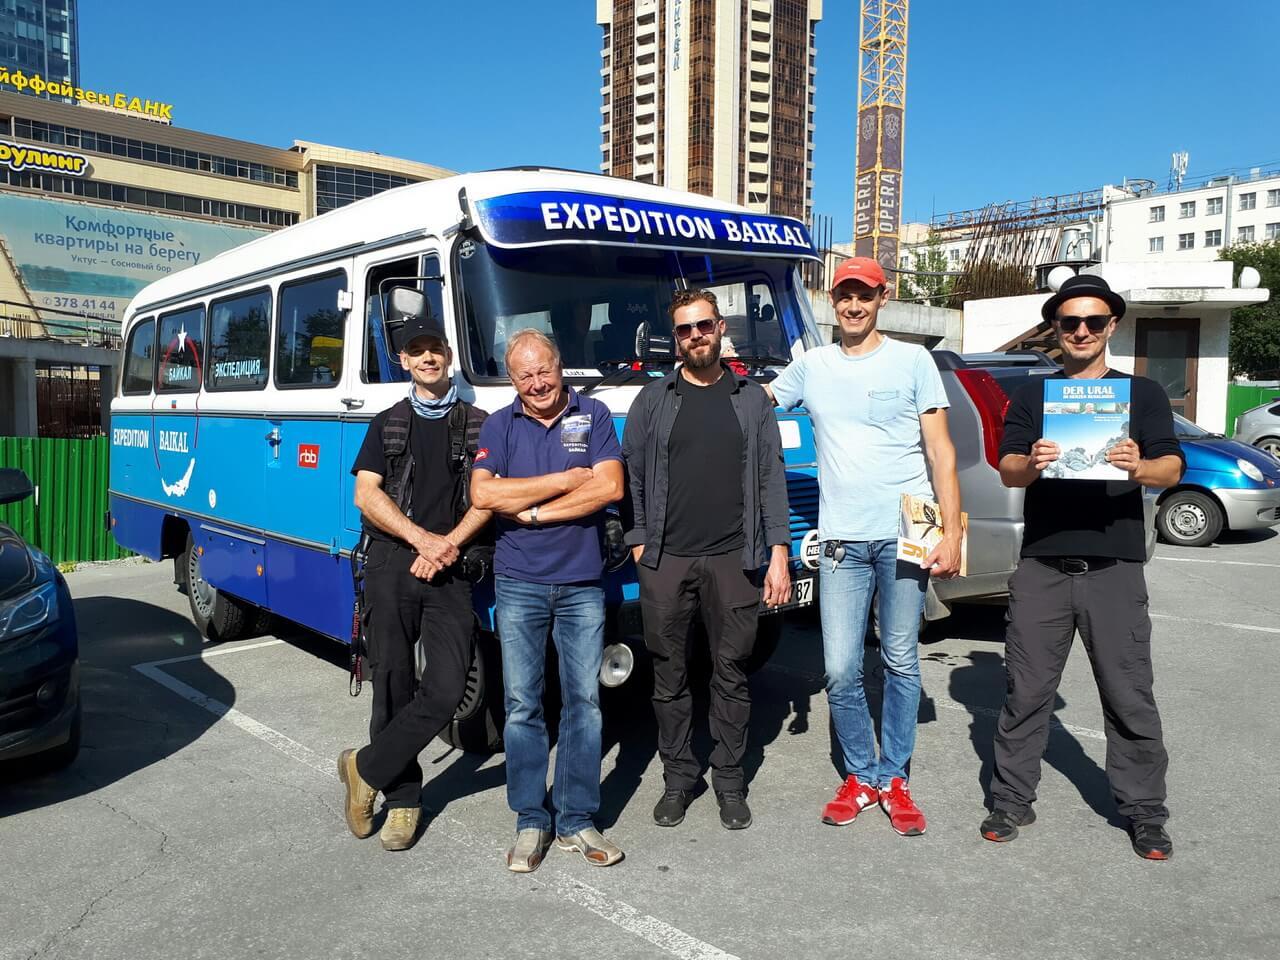 Через Екатеринбург на Байкал: немецкое ТВ едет на автобусе времен ГДР